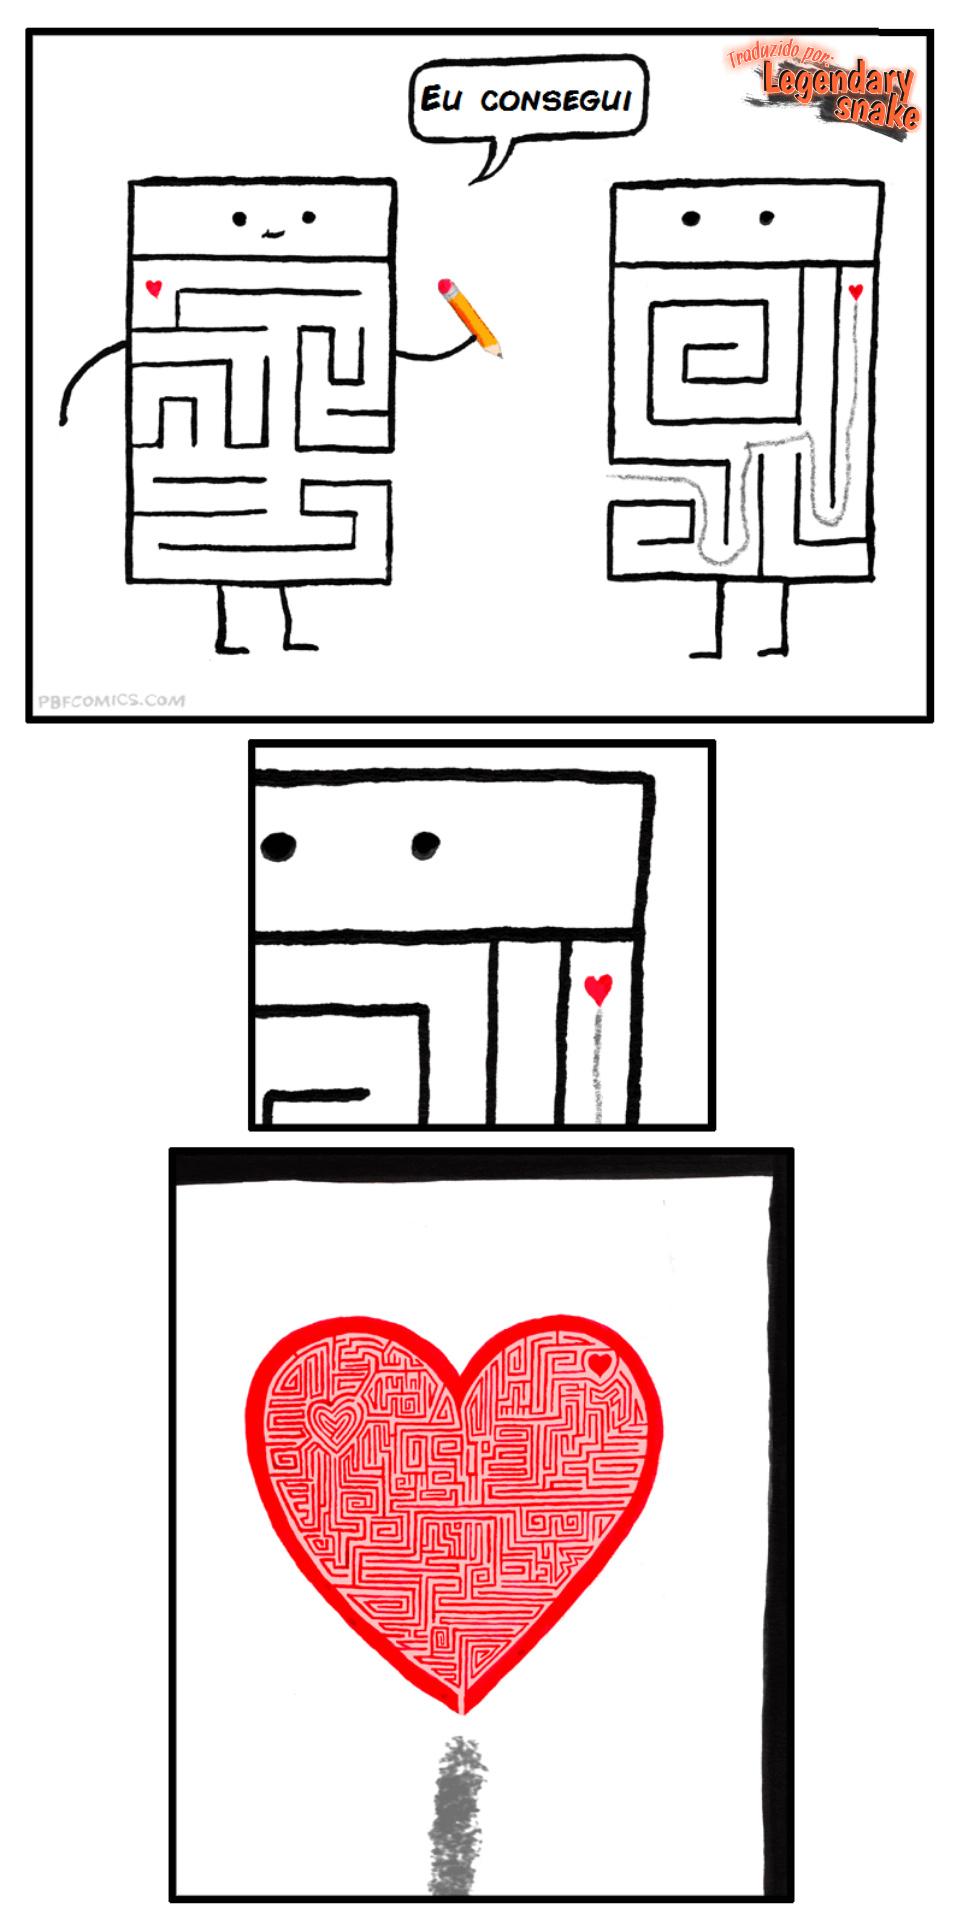 Não é tão fácil assim de entrar no coração de uma pessoa - meme